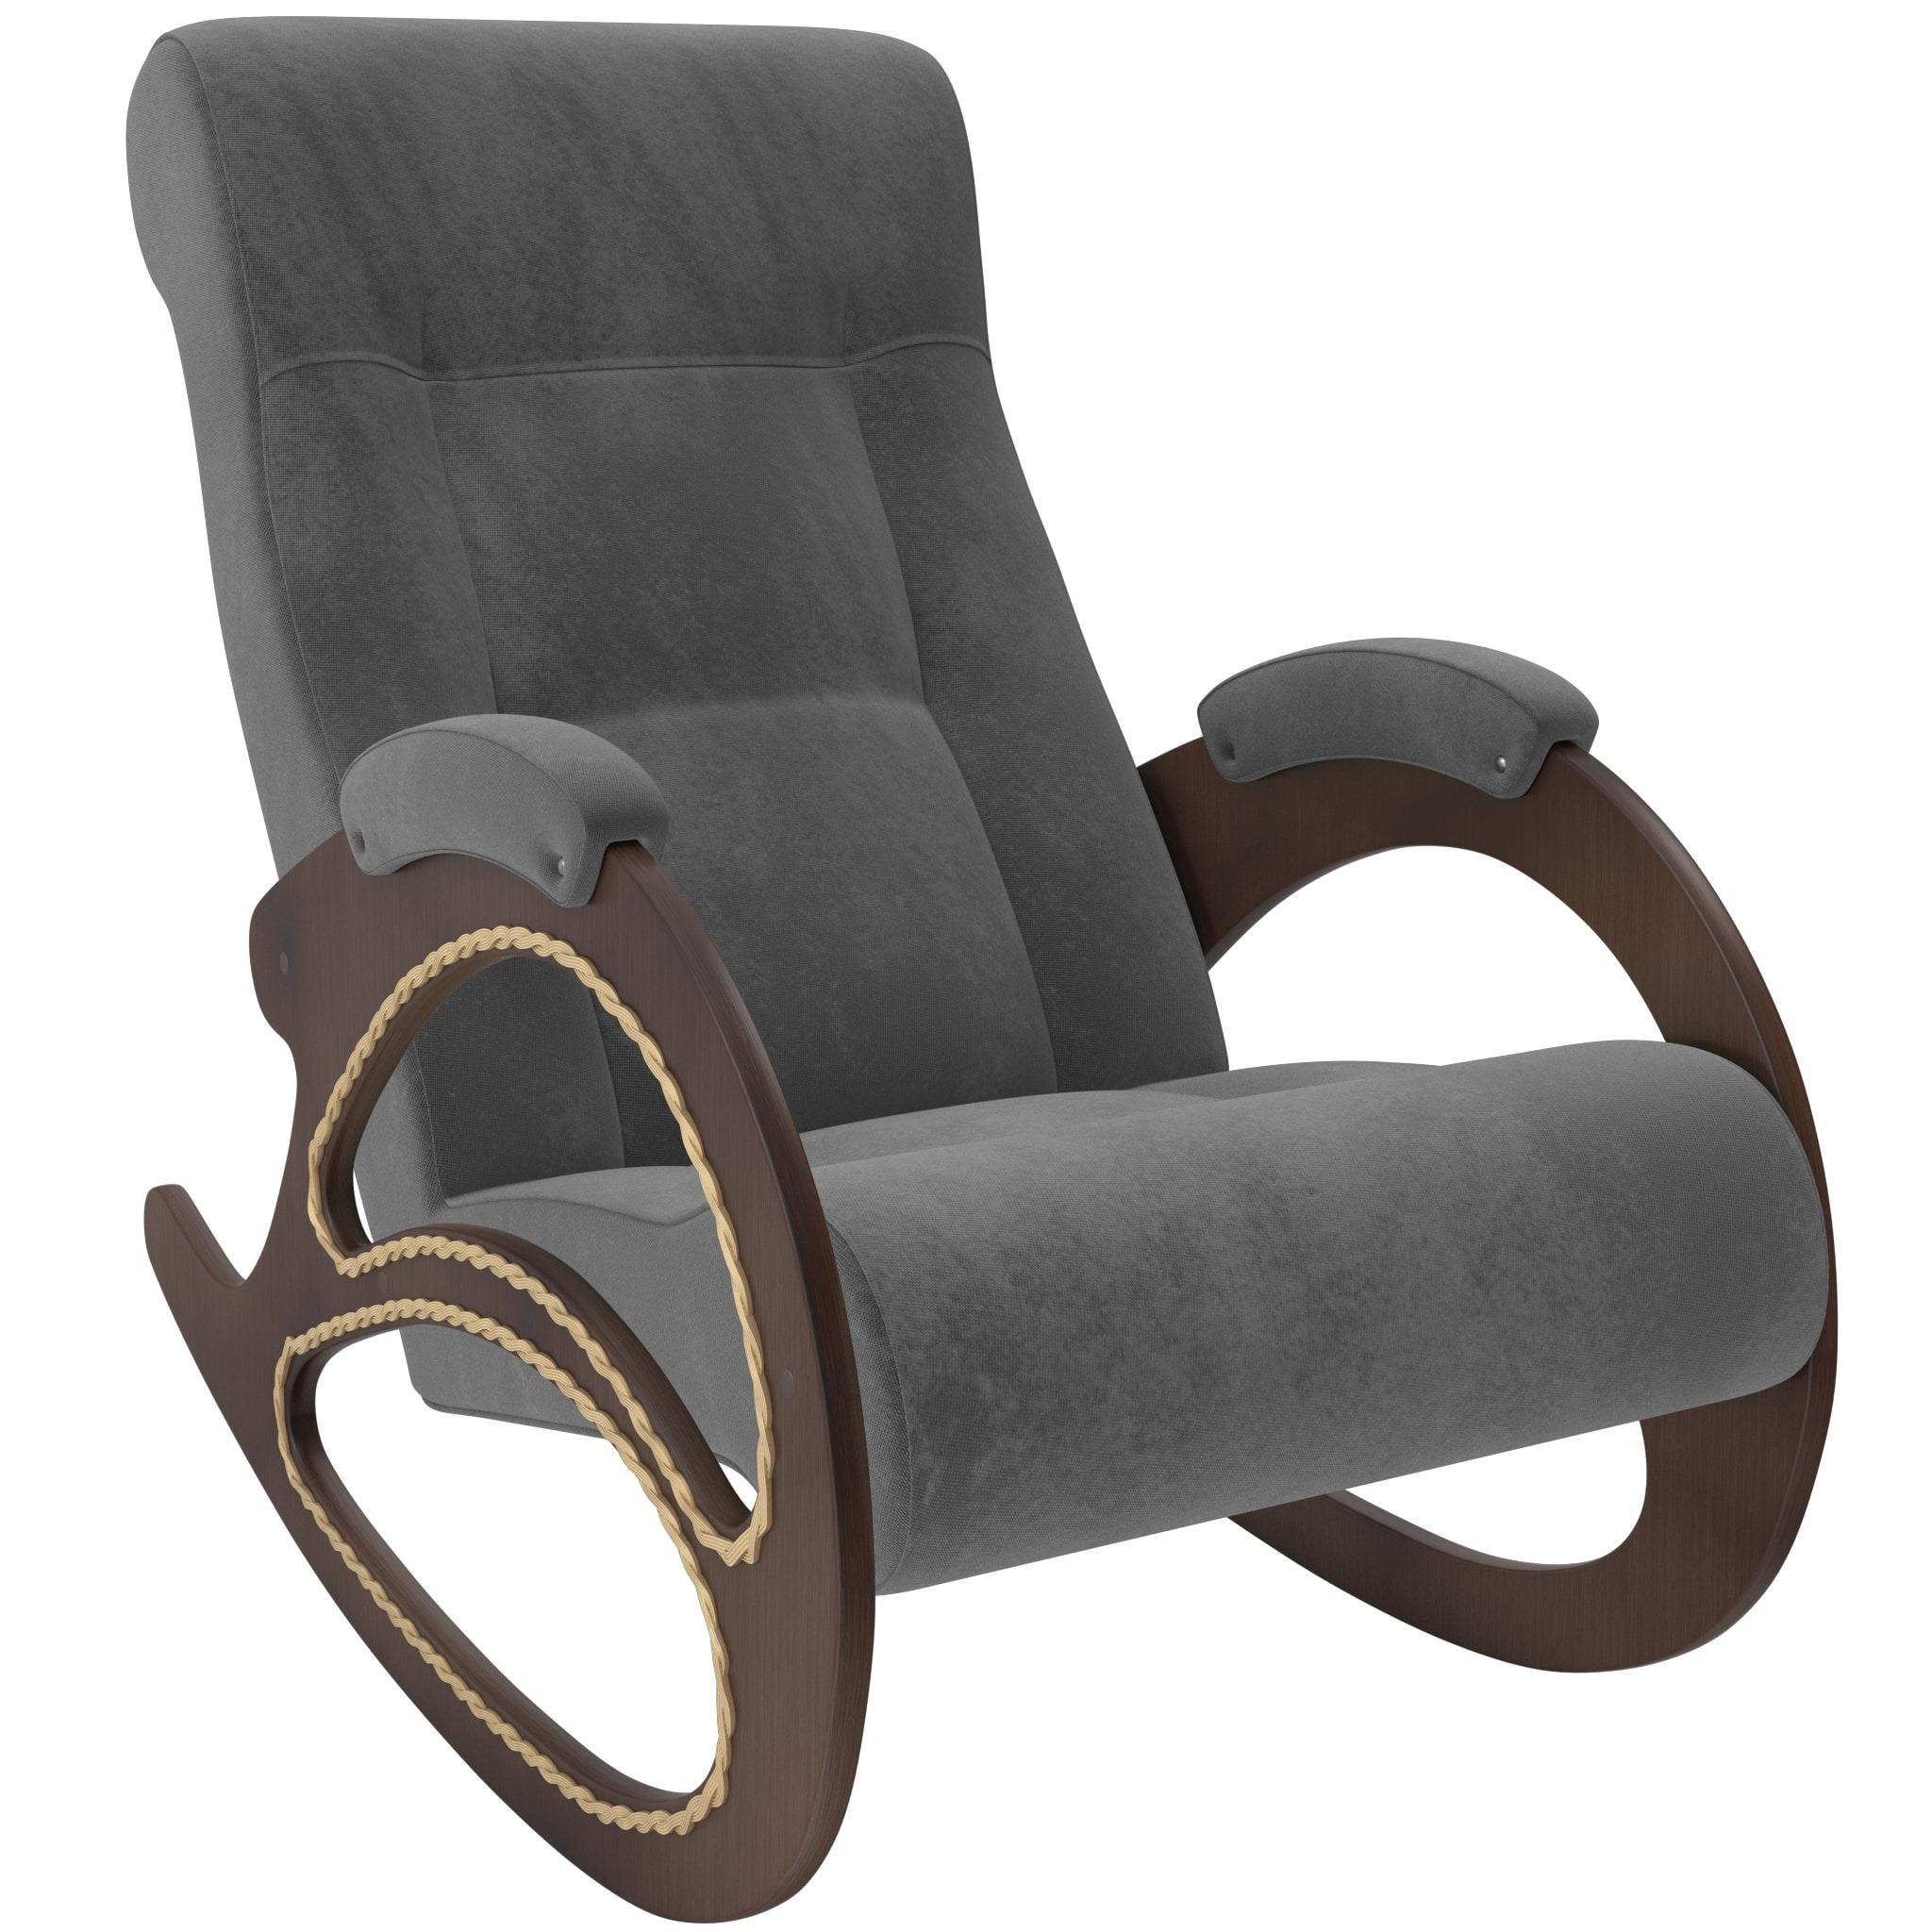 Кресло-качалка модель 4 орех мягкие кресла